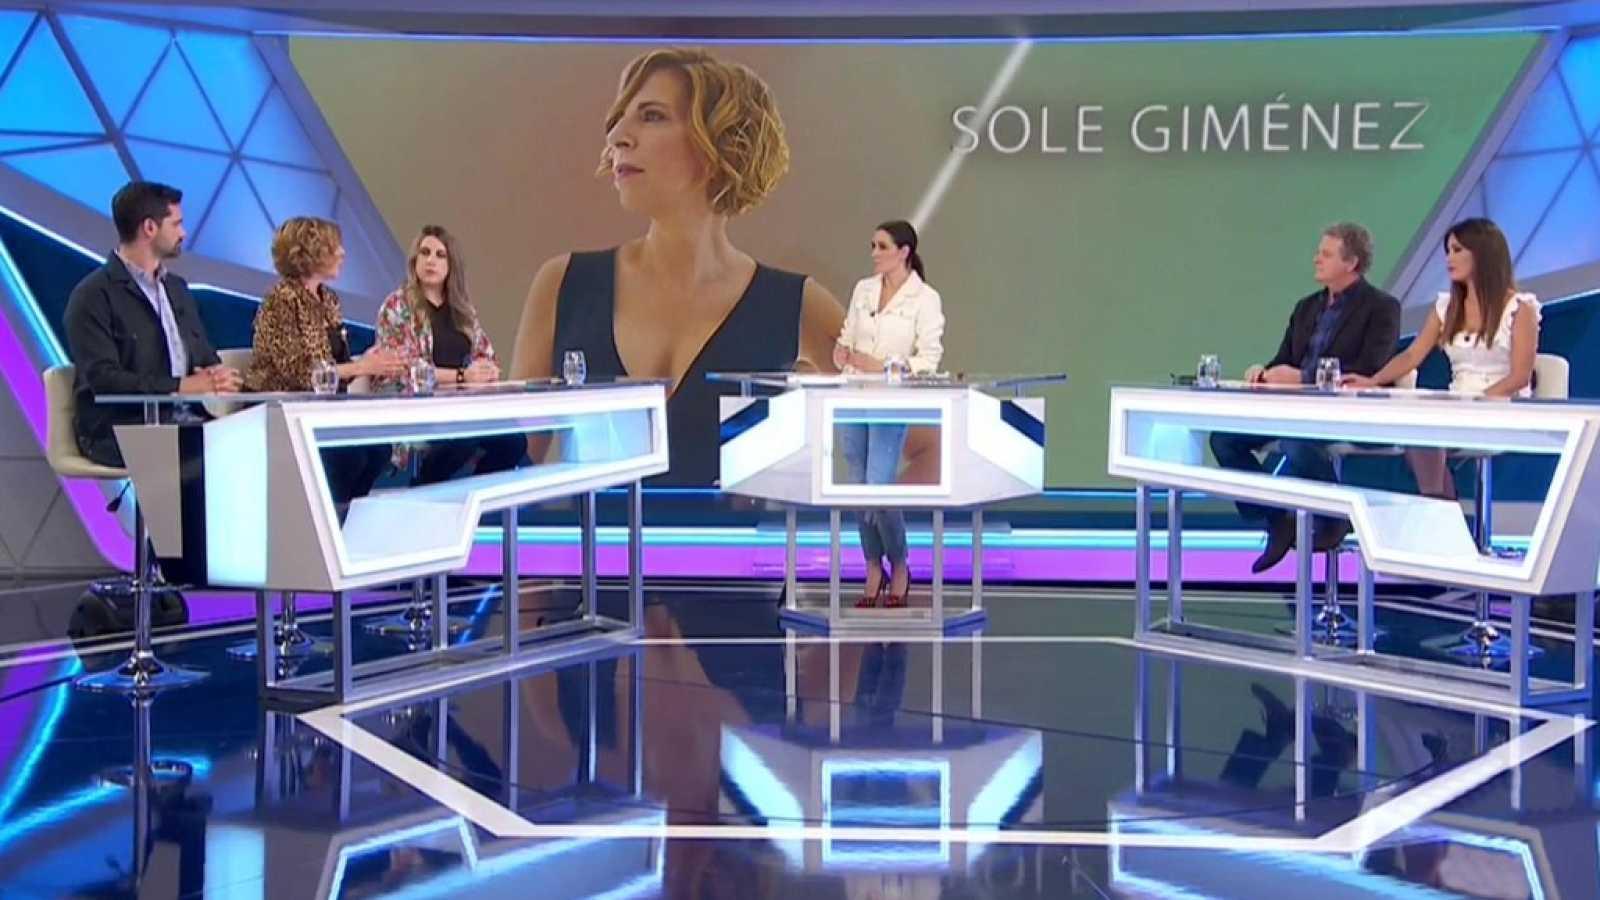 Lo siguiente - Sole Giménez - 06/03/19 - ver ahora